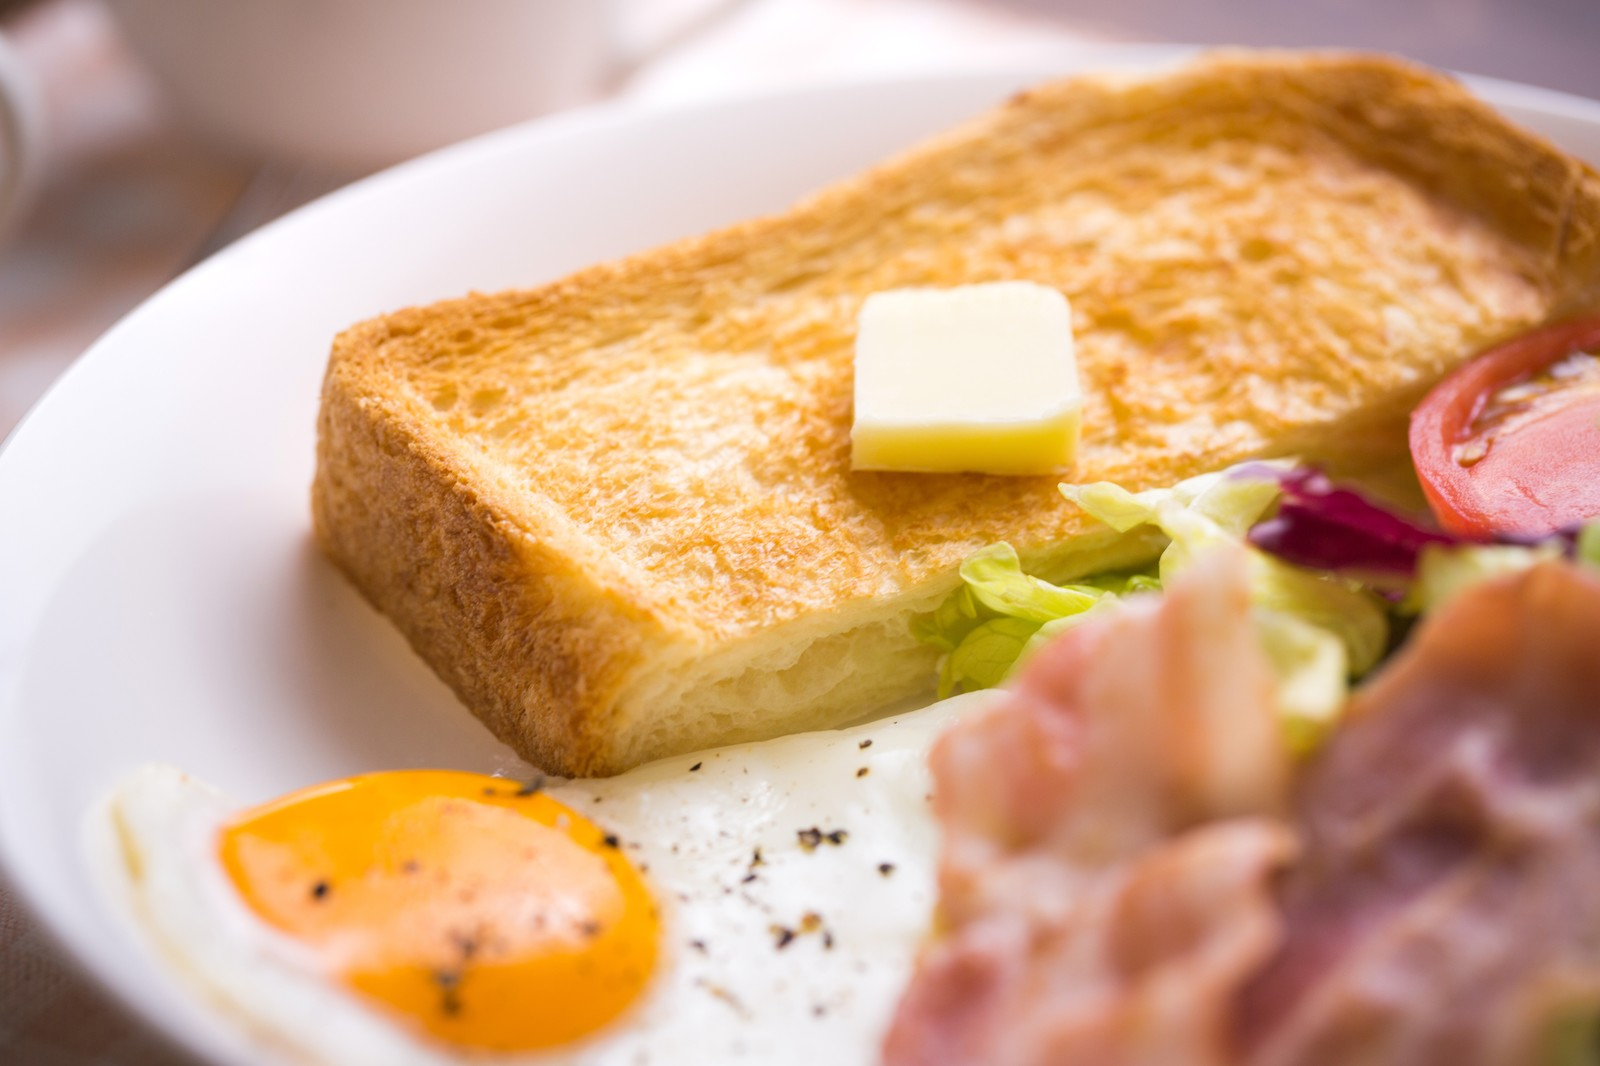 「バターが乗ったこんがり食パン」の写真